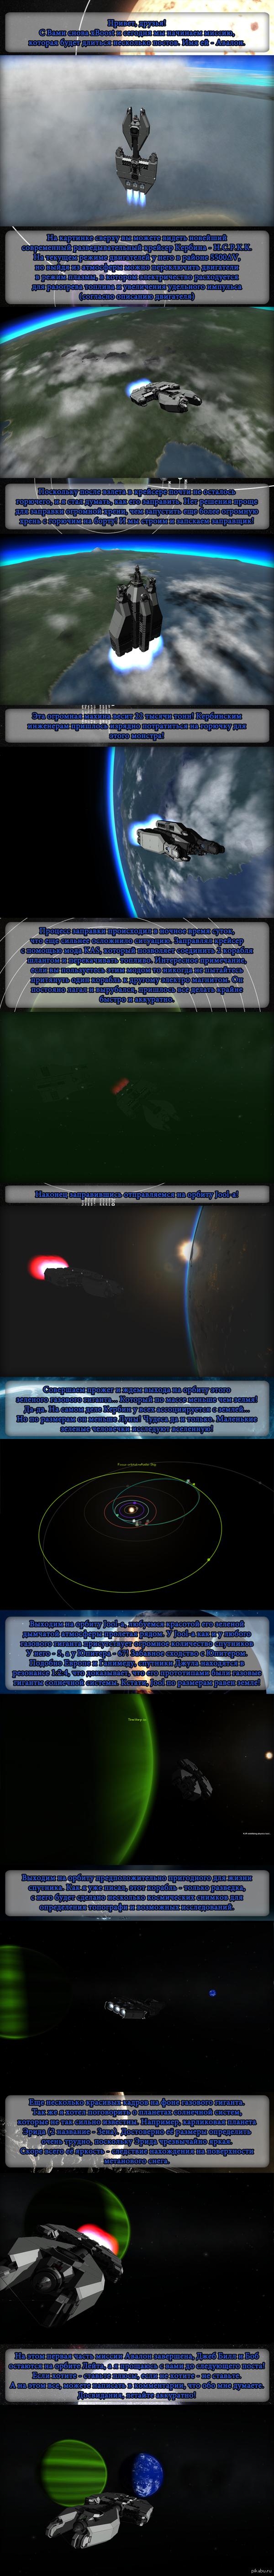 Миссия Авалон (Kerbal Space Program) Пост очень длинный. Если вам не интересно - сразу сворачивайте.